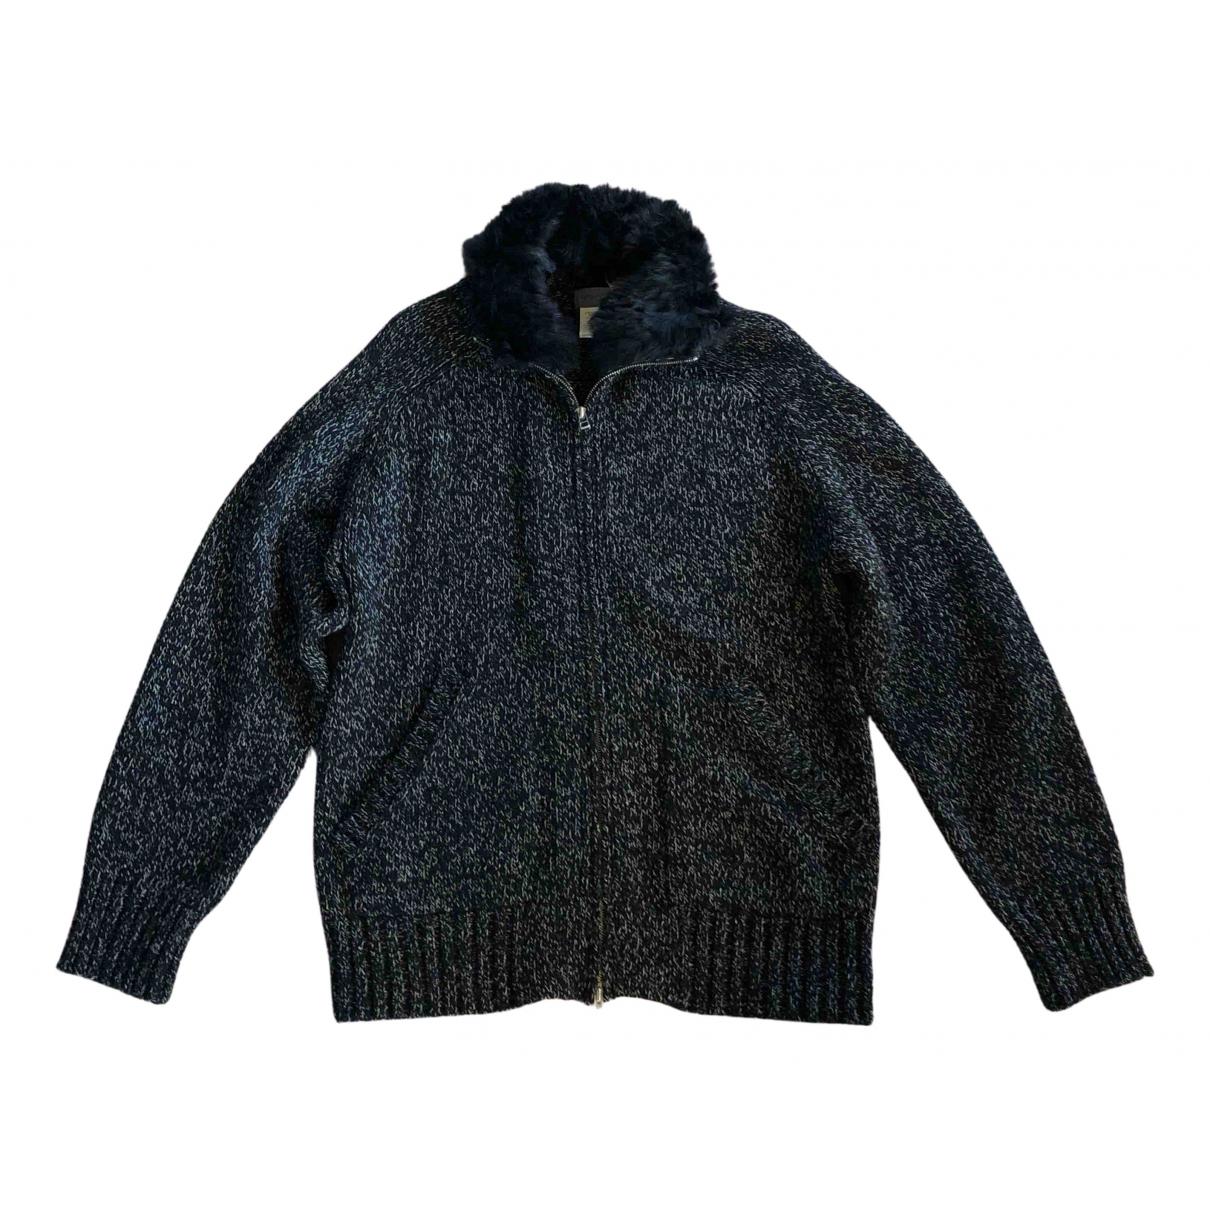 Yohji Yamamoto - Pulls.Gilets.Sweats   pour homme en laine - noir